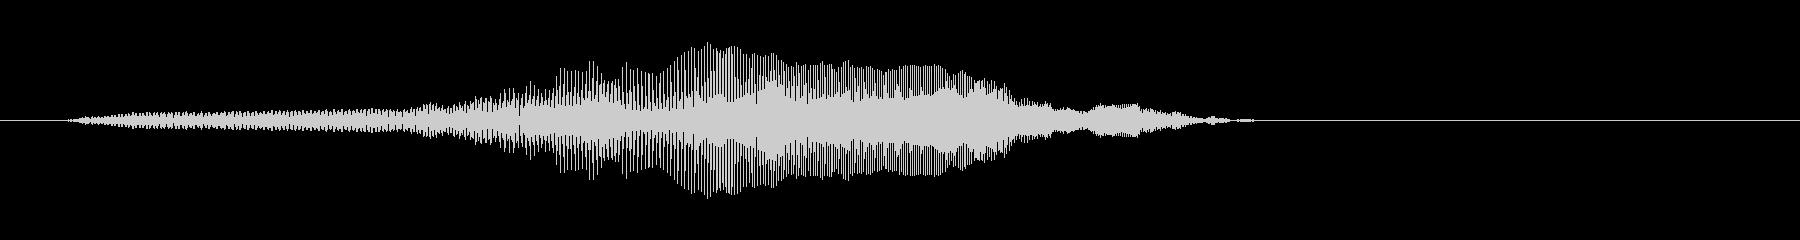 「イエイ!」4の未再生の波形